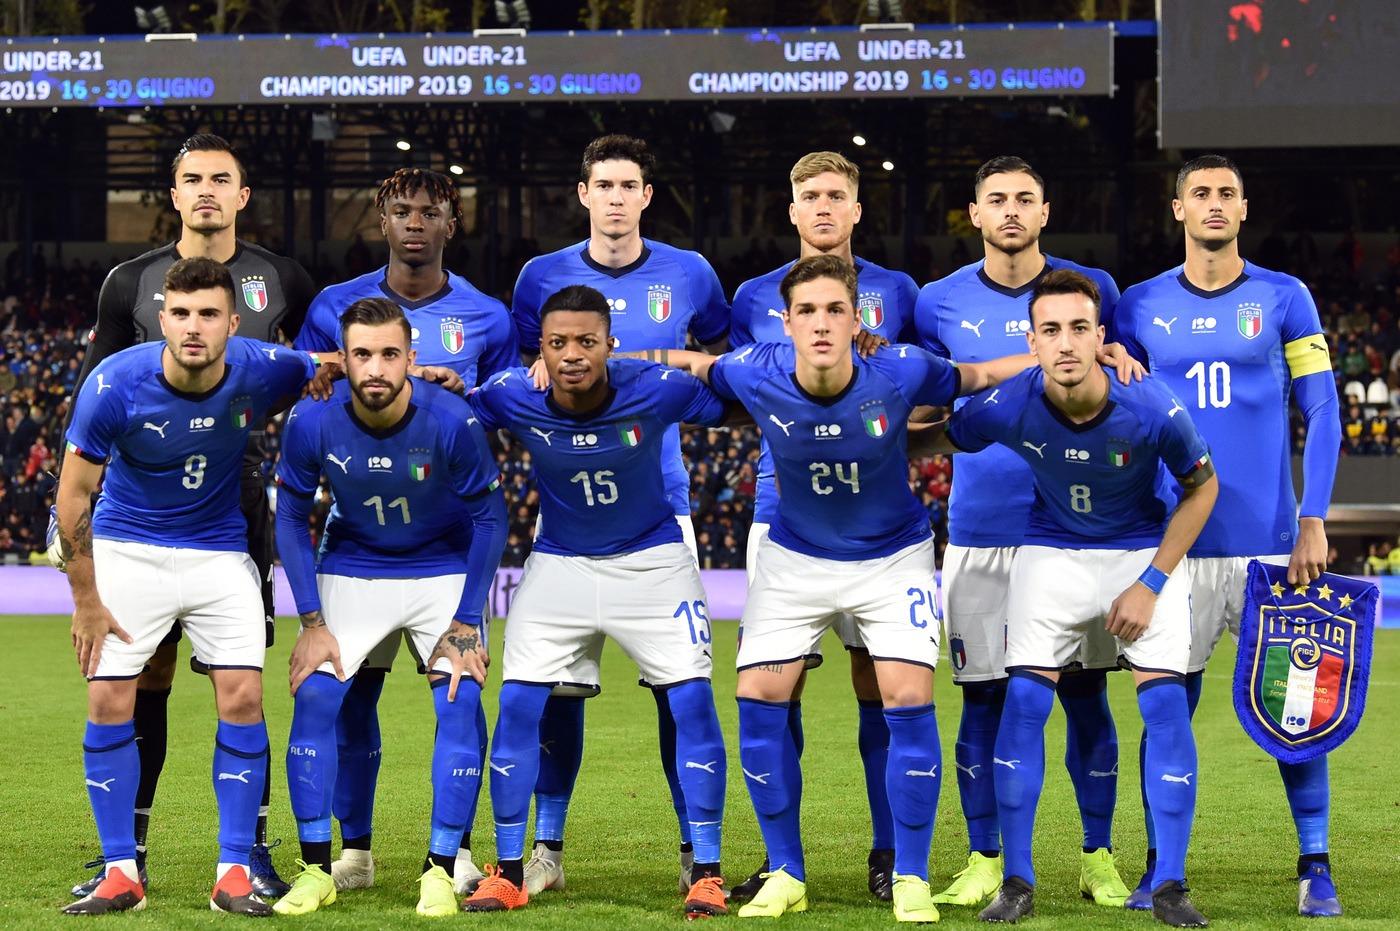 classifica girone italia under 21